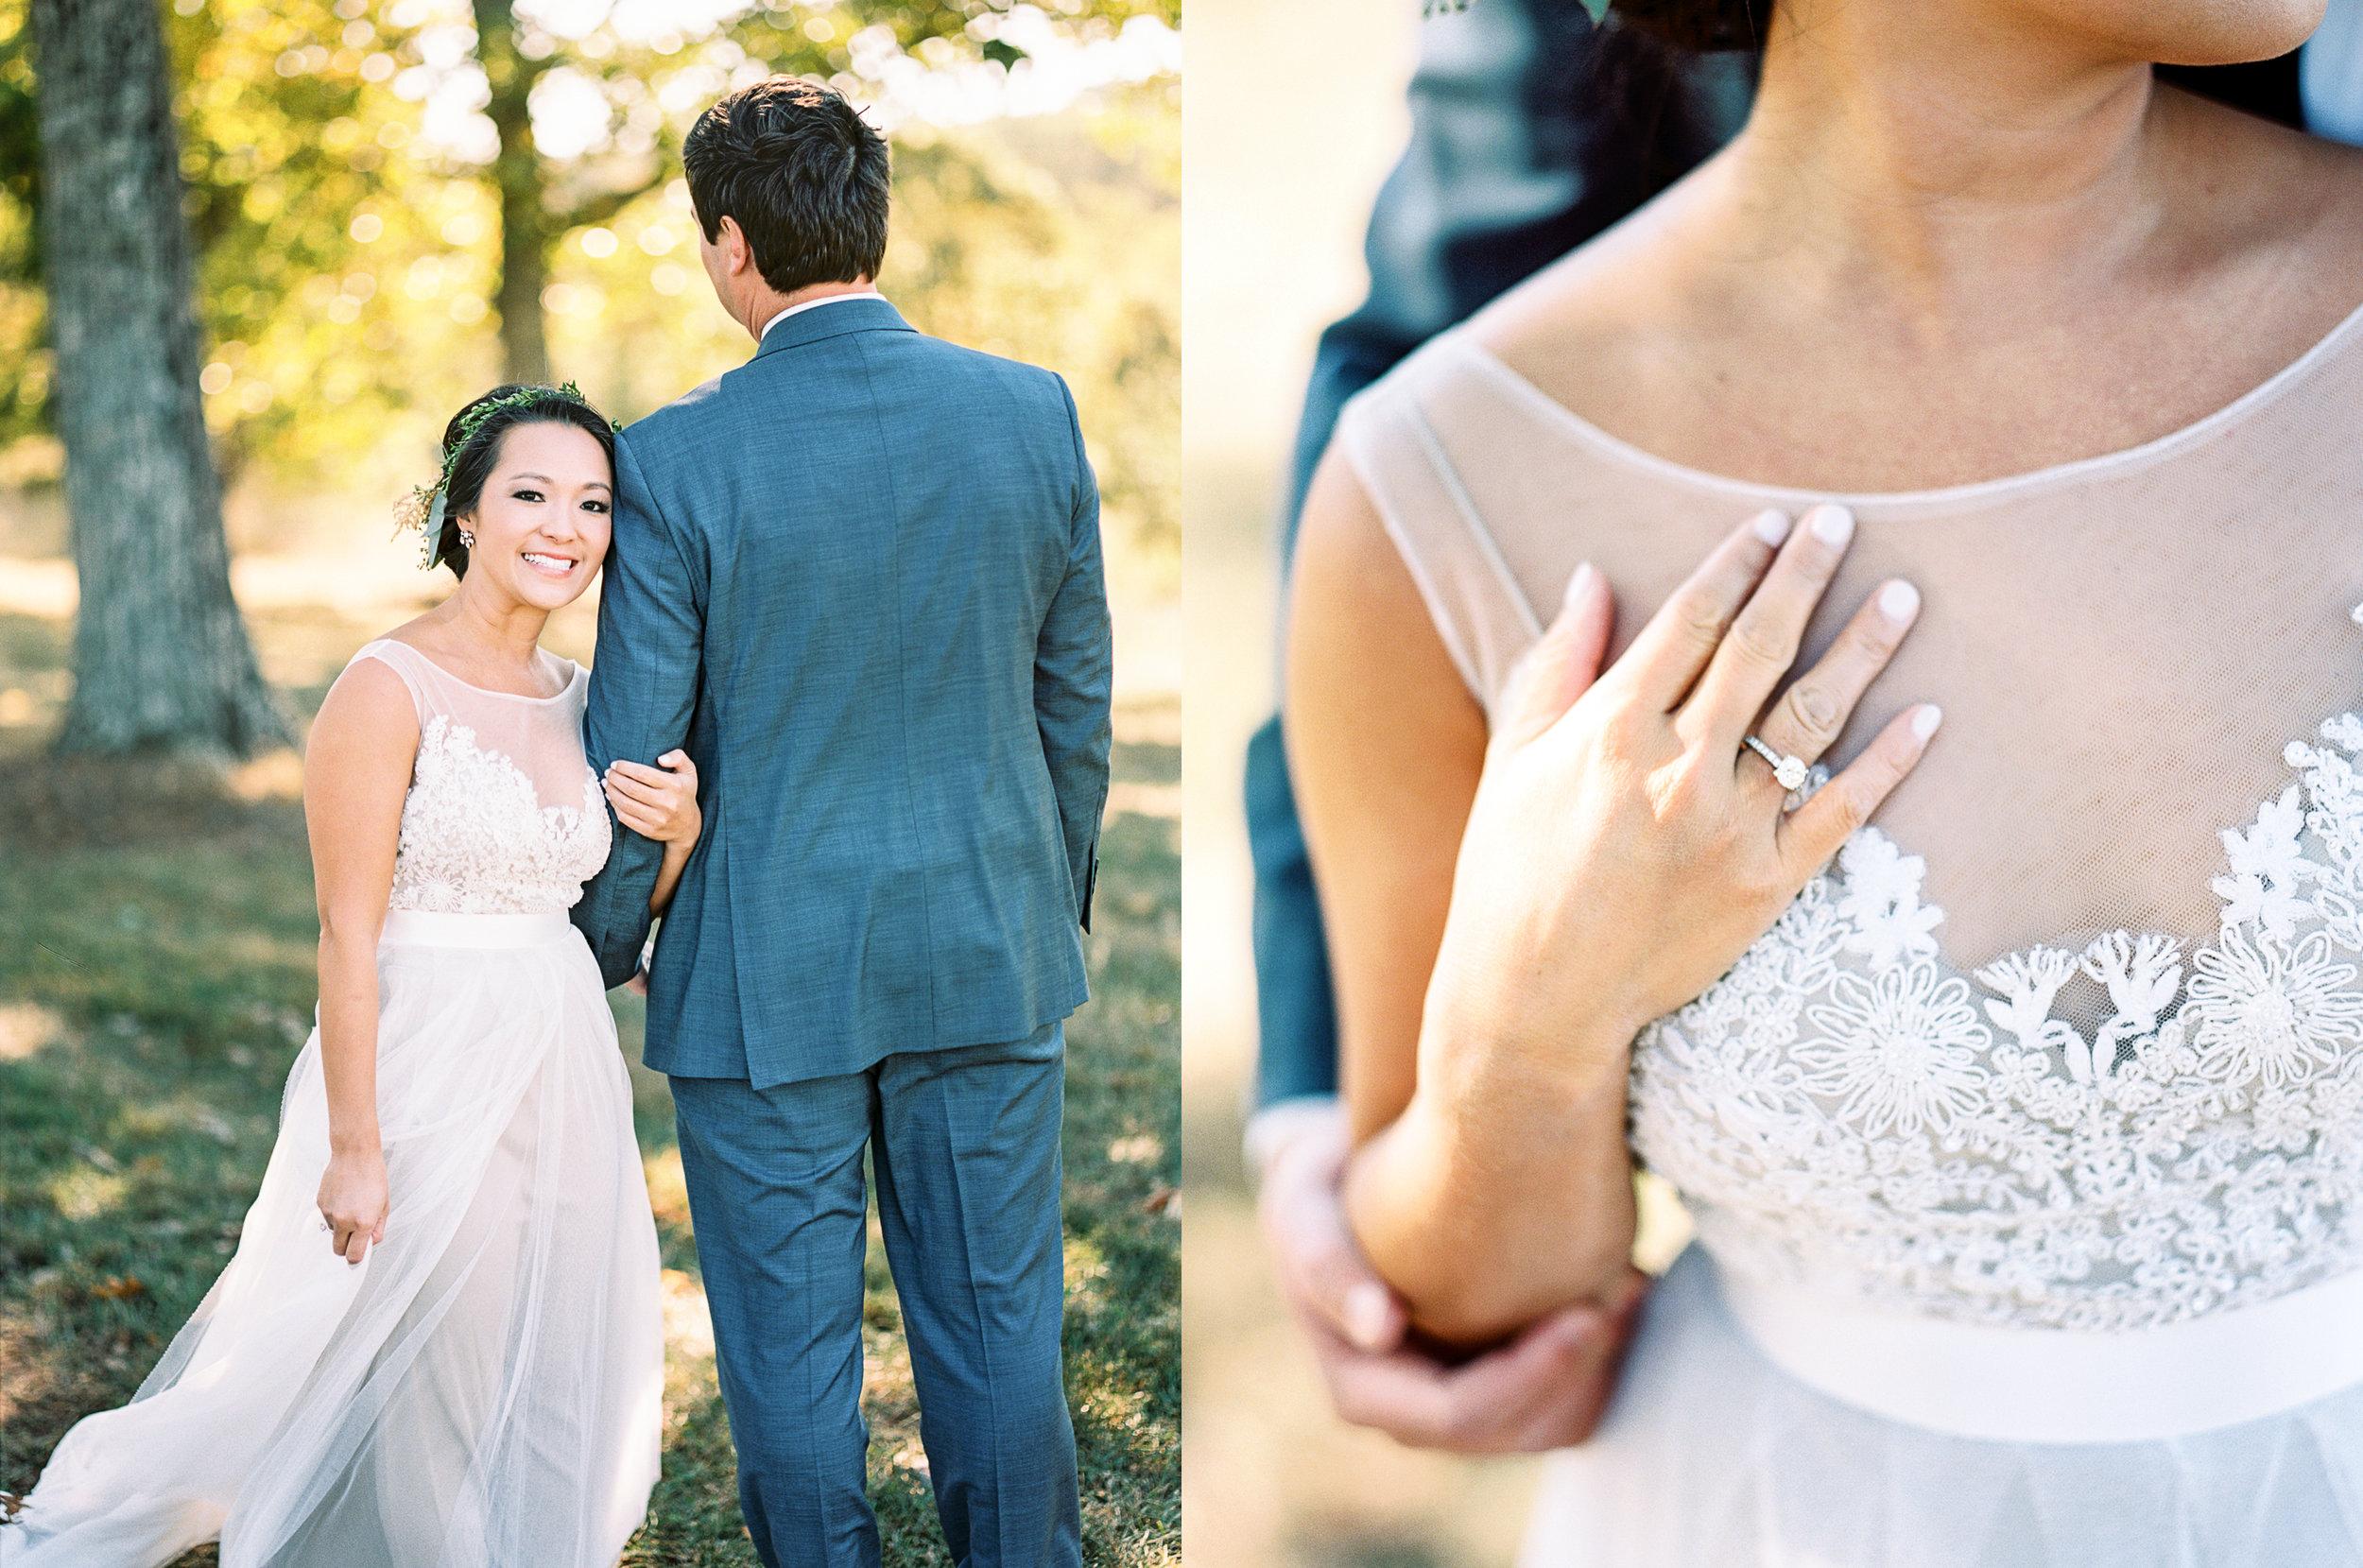 Georgia wedding photographer film Portra 400